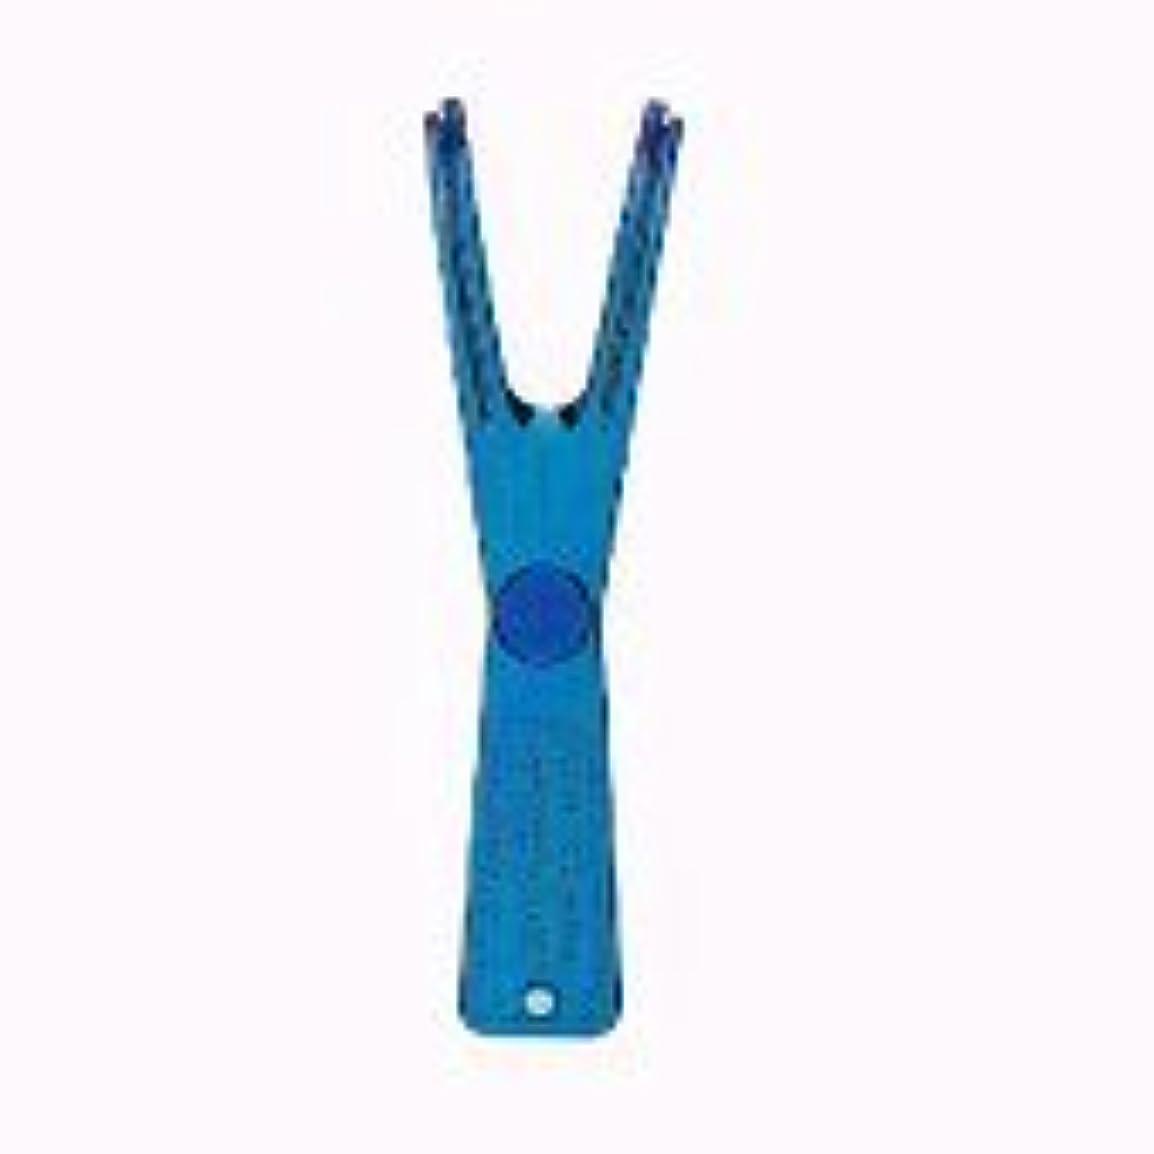 【サンスター/バトラー】【歯科用】バトラー フロスメイトハンドル #845P 1個【フロス用ハンドル】カラー2色/赤?青 _ 青?ブルー